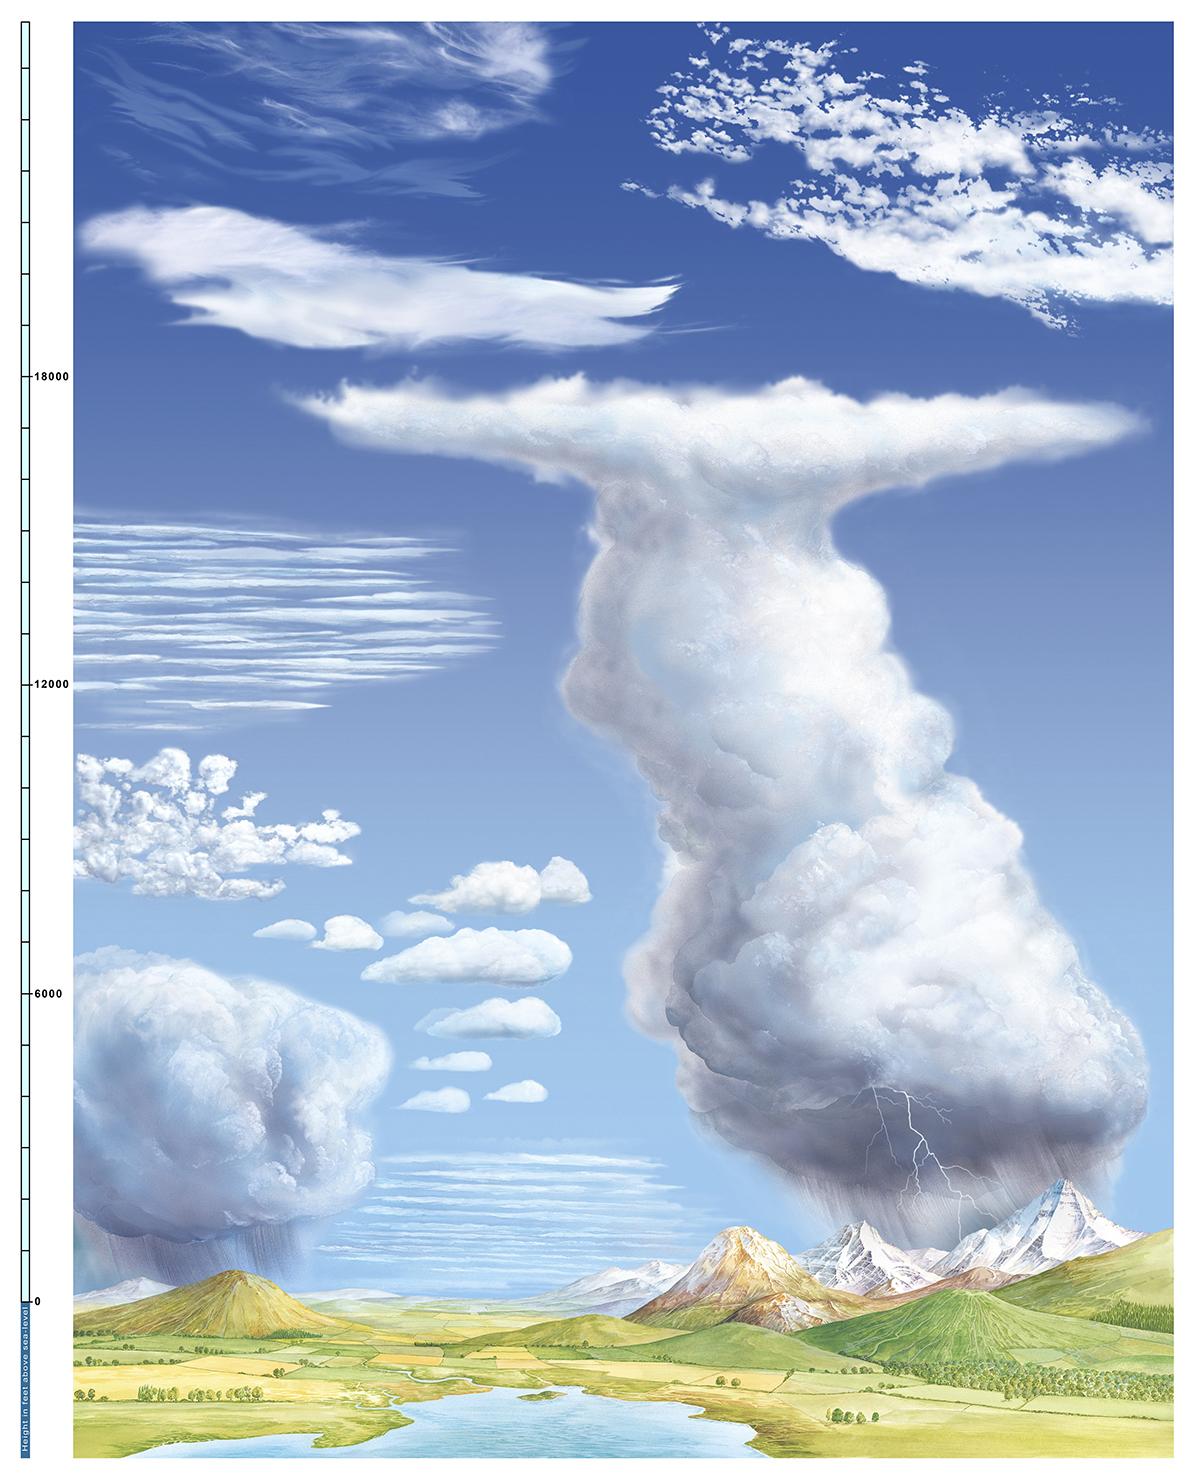 Bulut türleri